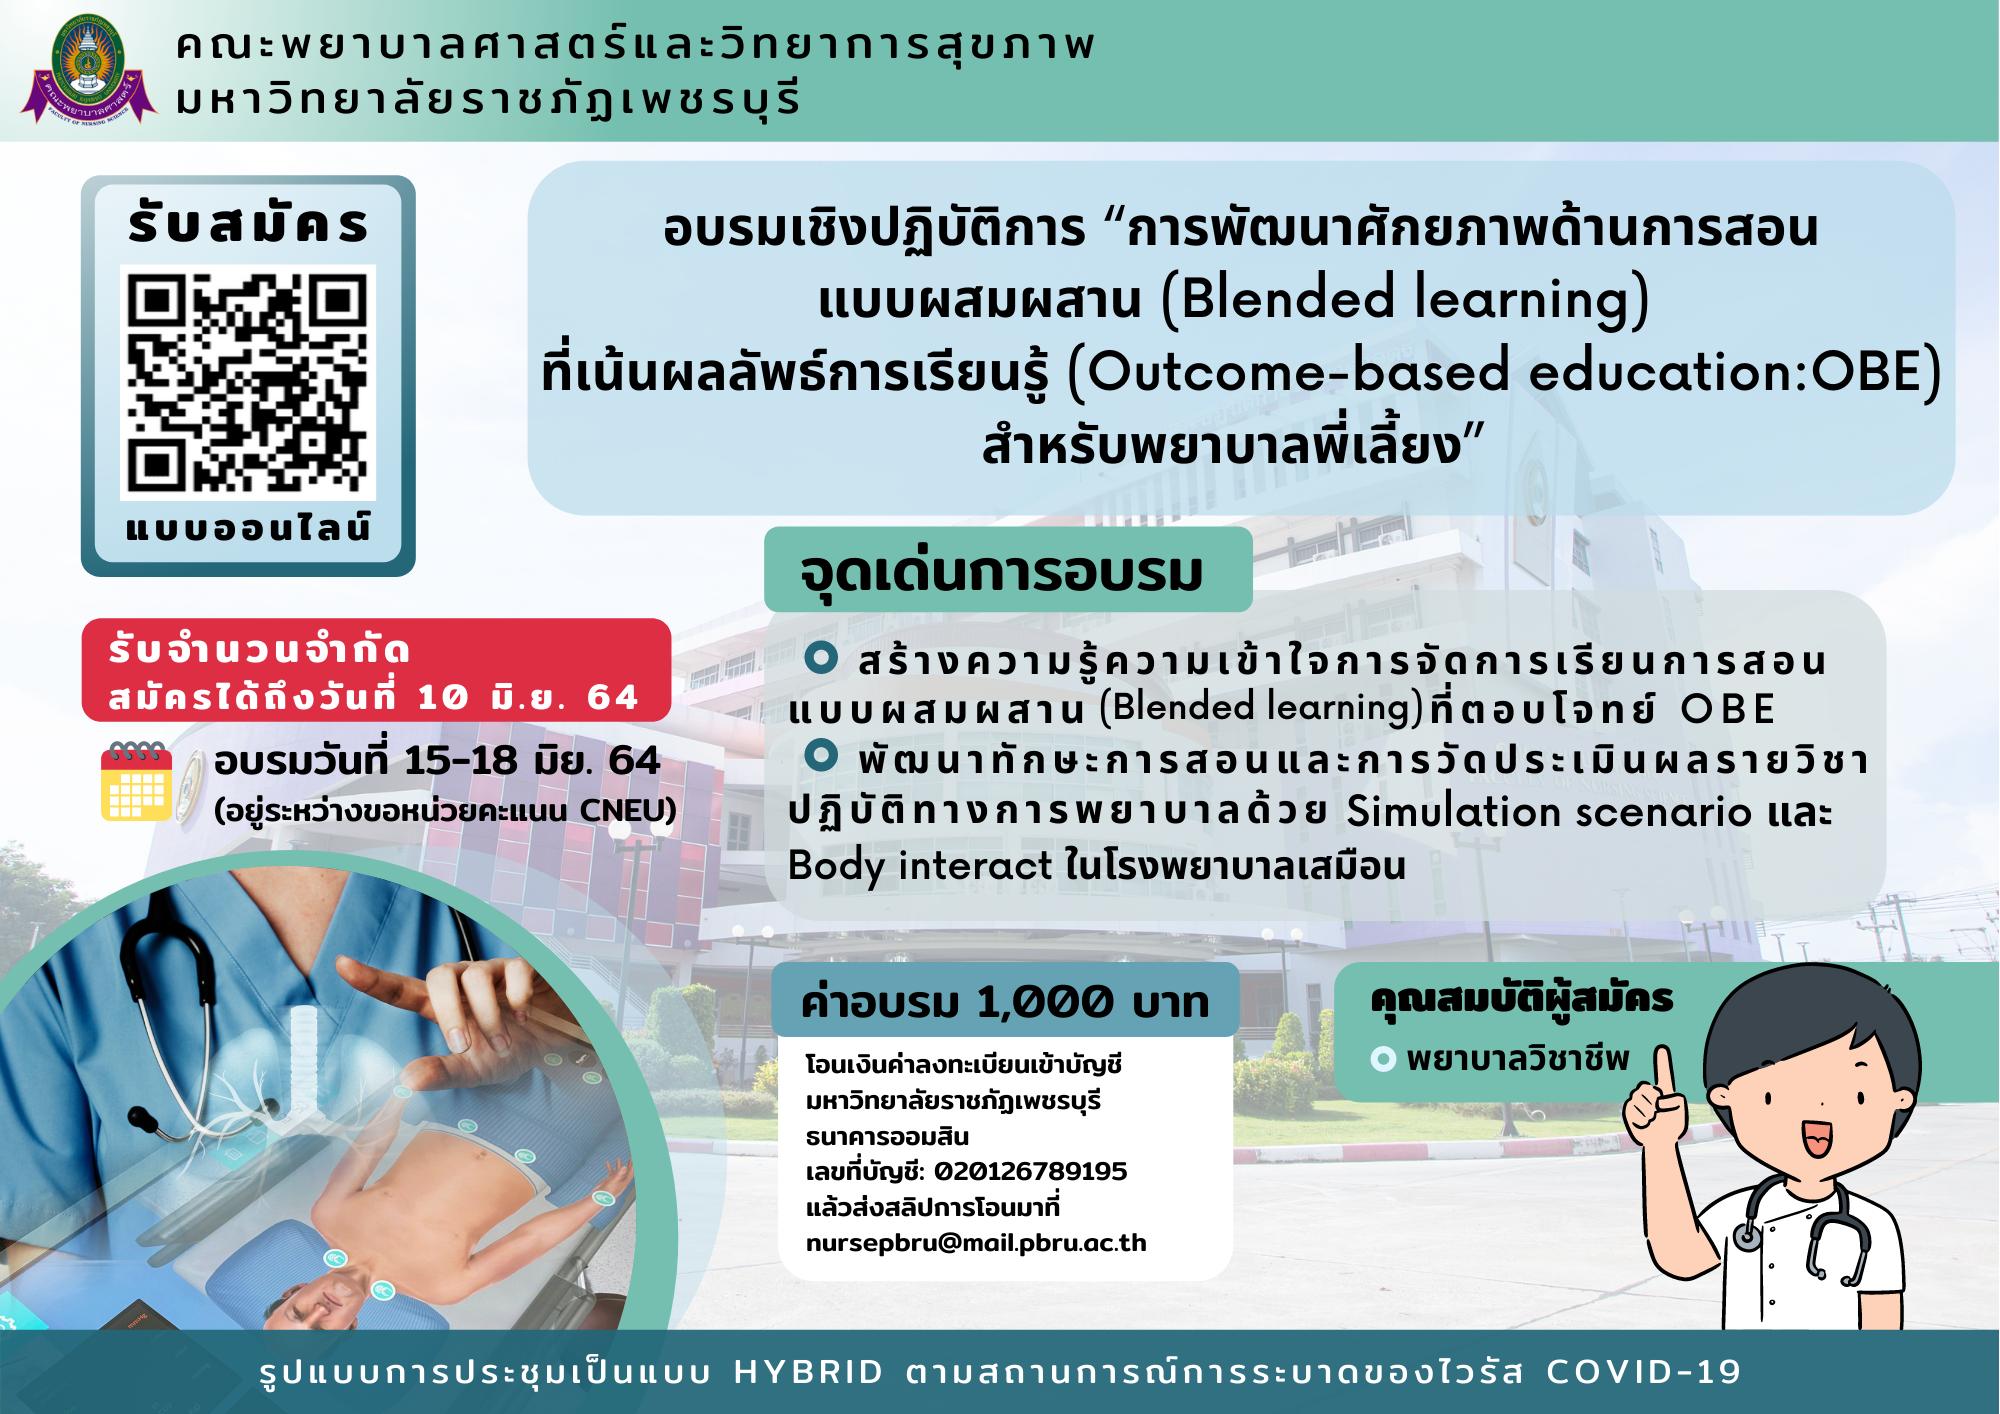 """สมัครอบรมเชิงปฏิบัติการ """"การพัฒนาศักยภาพด้านการสอน แบบผสมผสาน (Blended learning)  ที่เน้นผลลัพธ์การเรียนรู้ (Outcome-based education:OBE) สำหรับพยาบาลพี่เลี้ยง"""""""